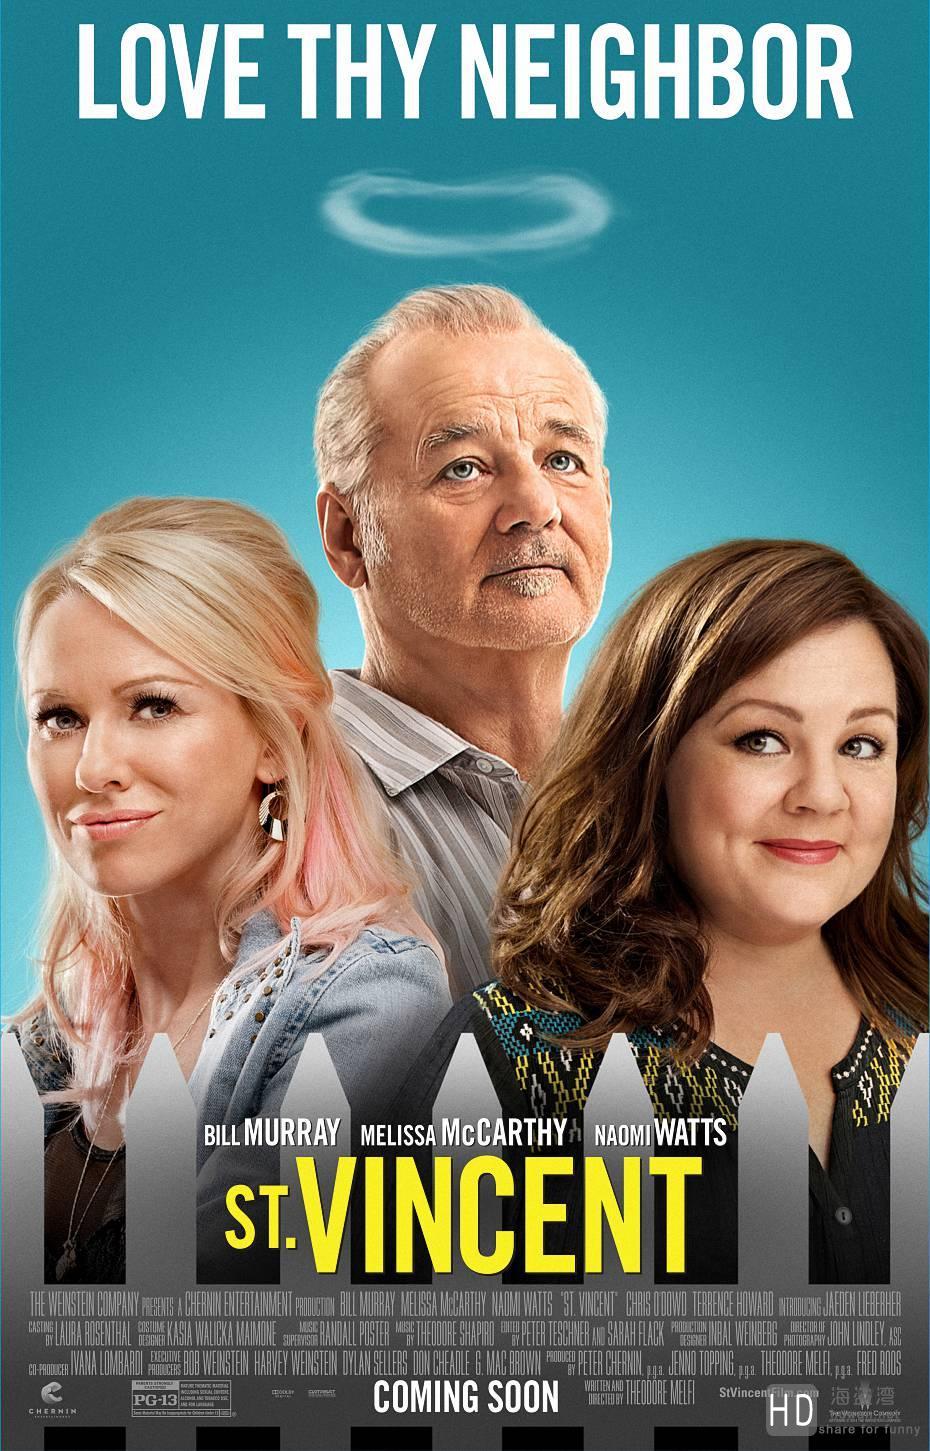 [2014][美国][圣人文森特 St. Vincent][720P/1080P/高清电影下载]